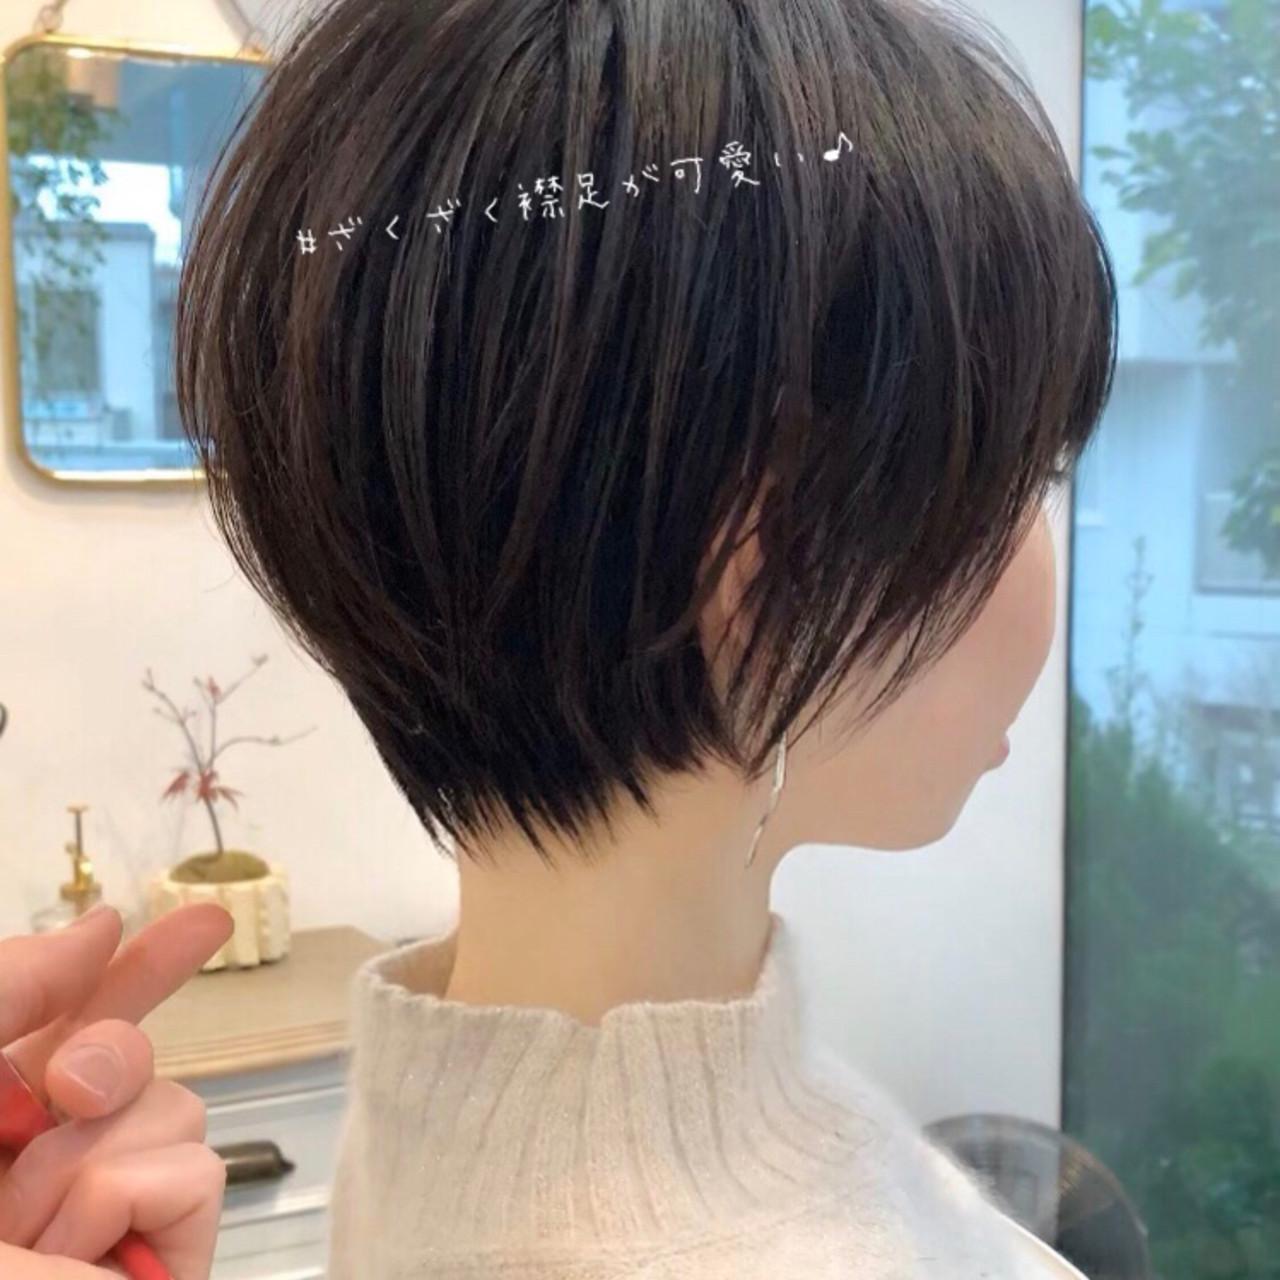 切りっぱなしボブ ショートボブ ショート インナーカラー ヘアスタイルや髪型の写真・画像 | 大上海人 / 『 i. 』omotesando